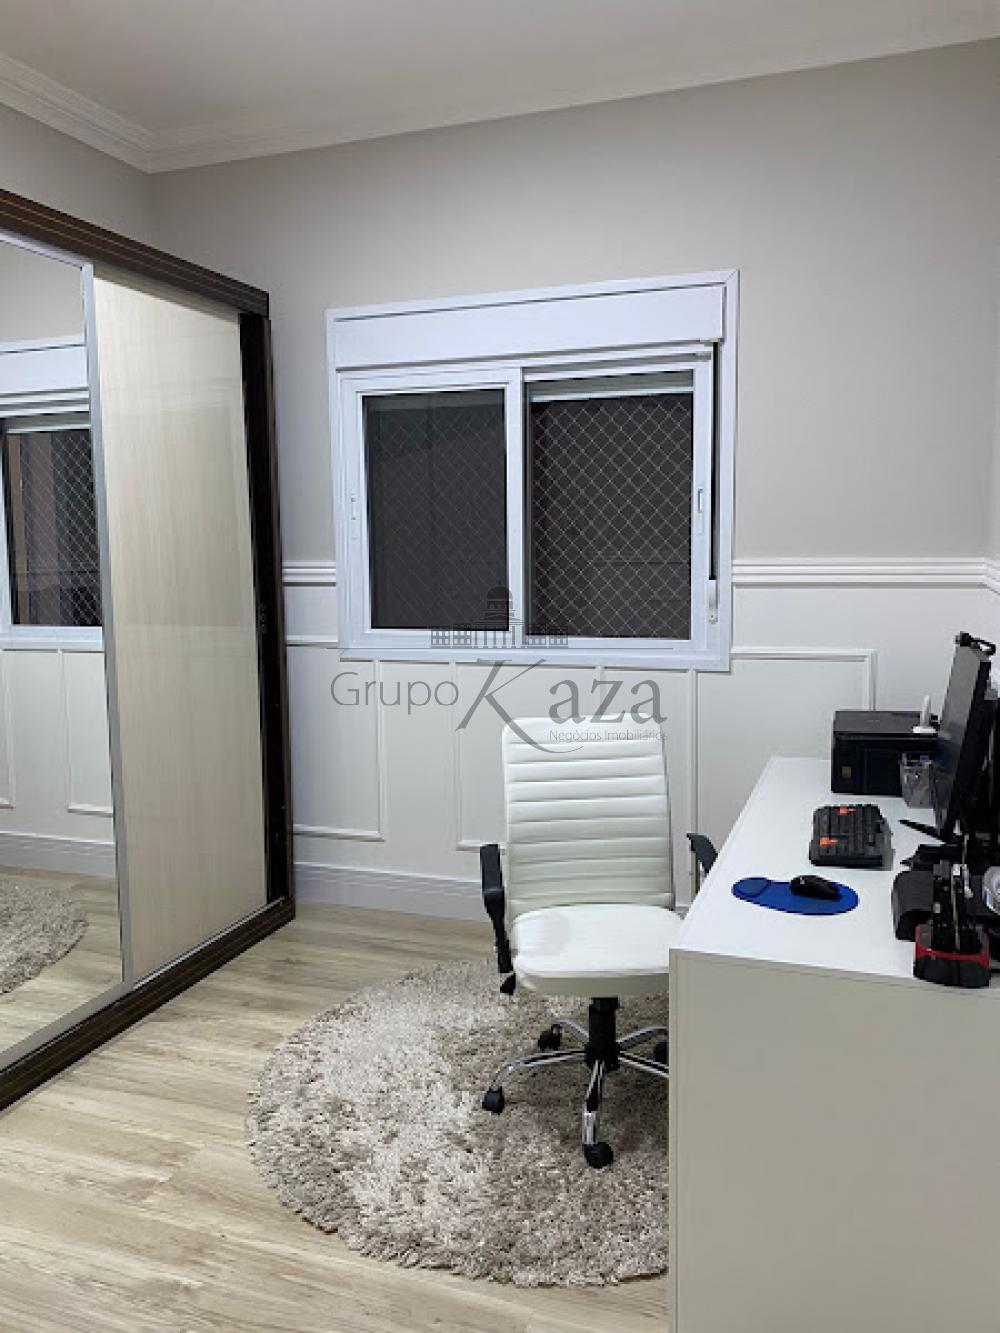 alt='Comprar Casa / Sobrado em São José dos Campos R$ 750.000,00 - Foto 24' title='Comprar Casa / Sobrado em São José dos Campos R$ 750.000,00 - Foto 24'